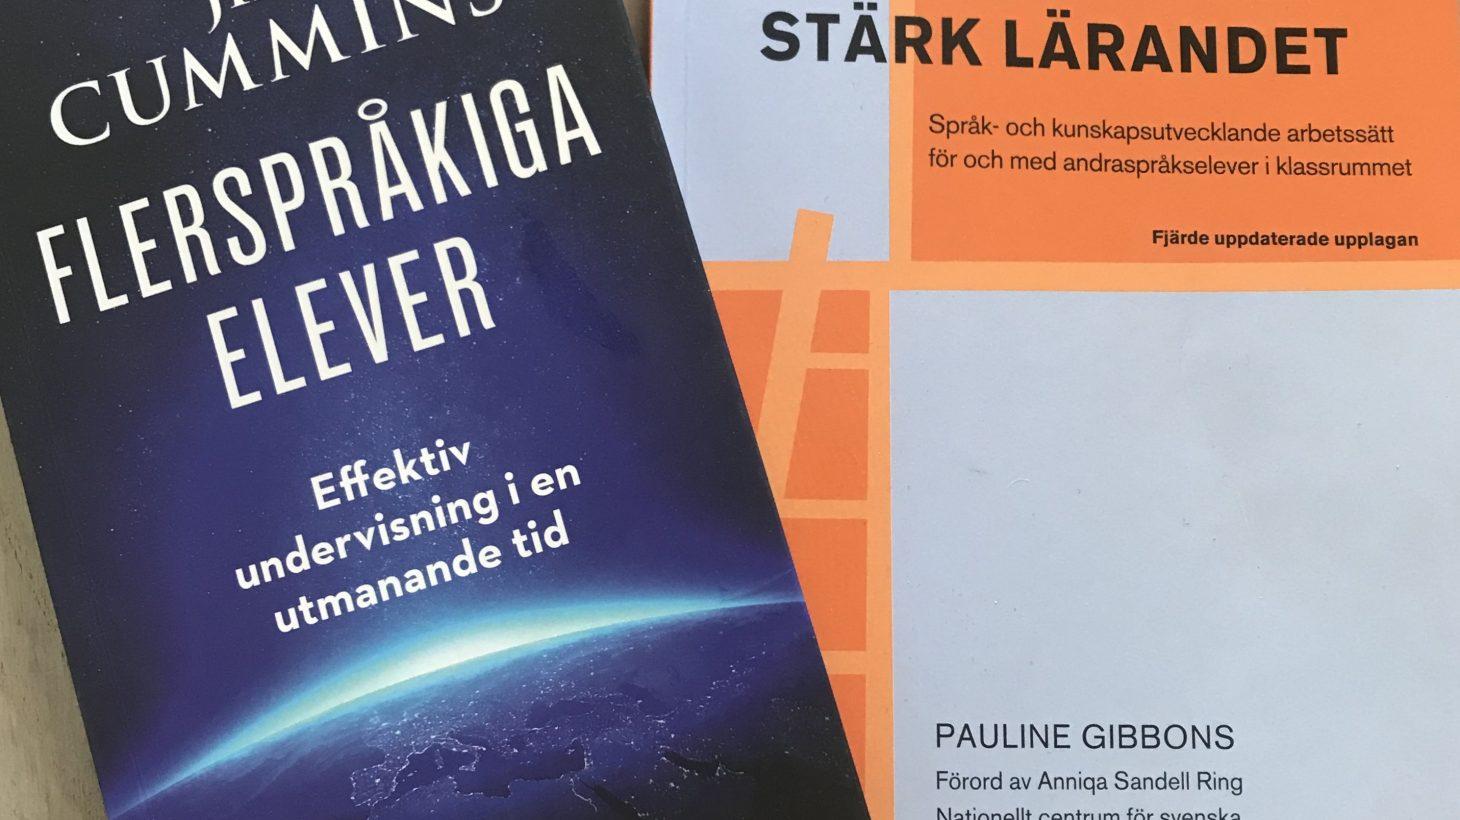 Bokomslag till Flerspråkiga elever och Stärk språket - stärk lärandet.